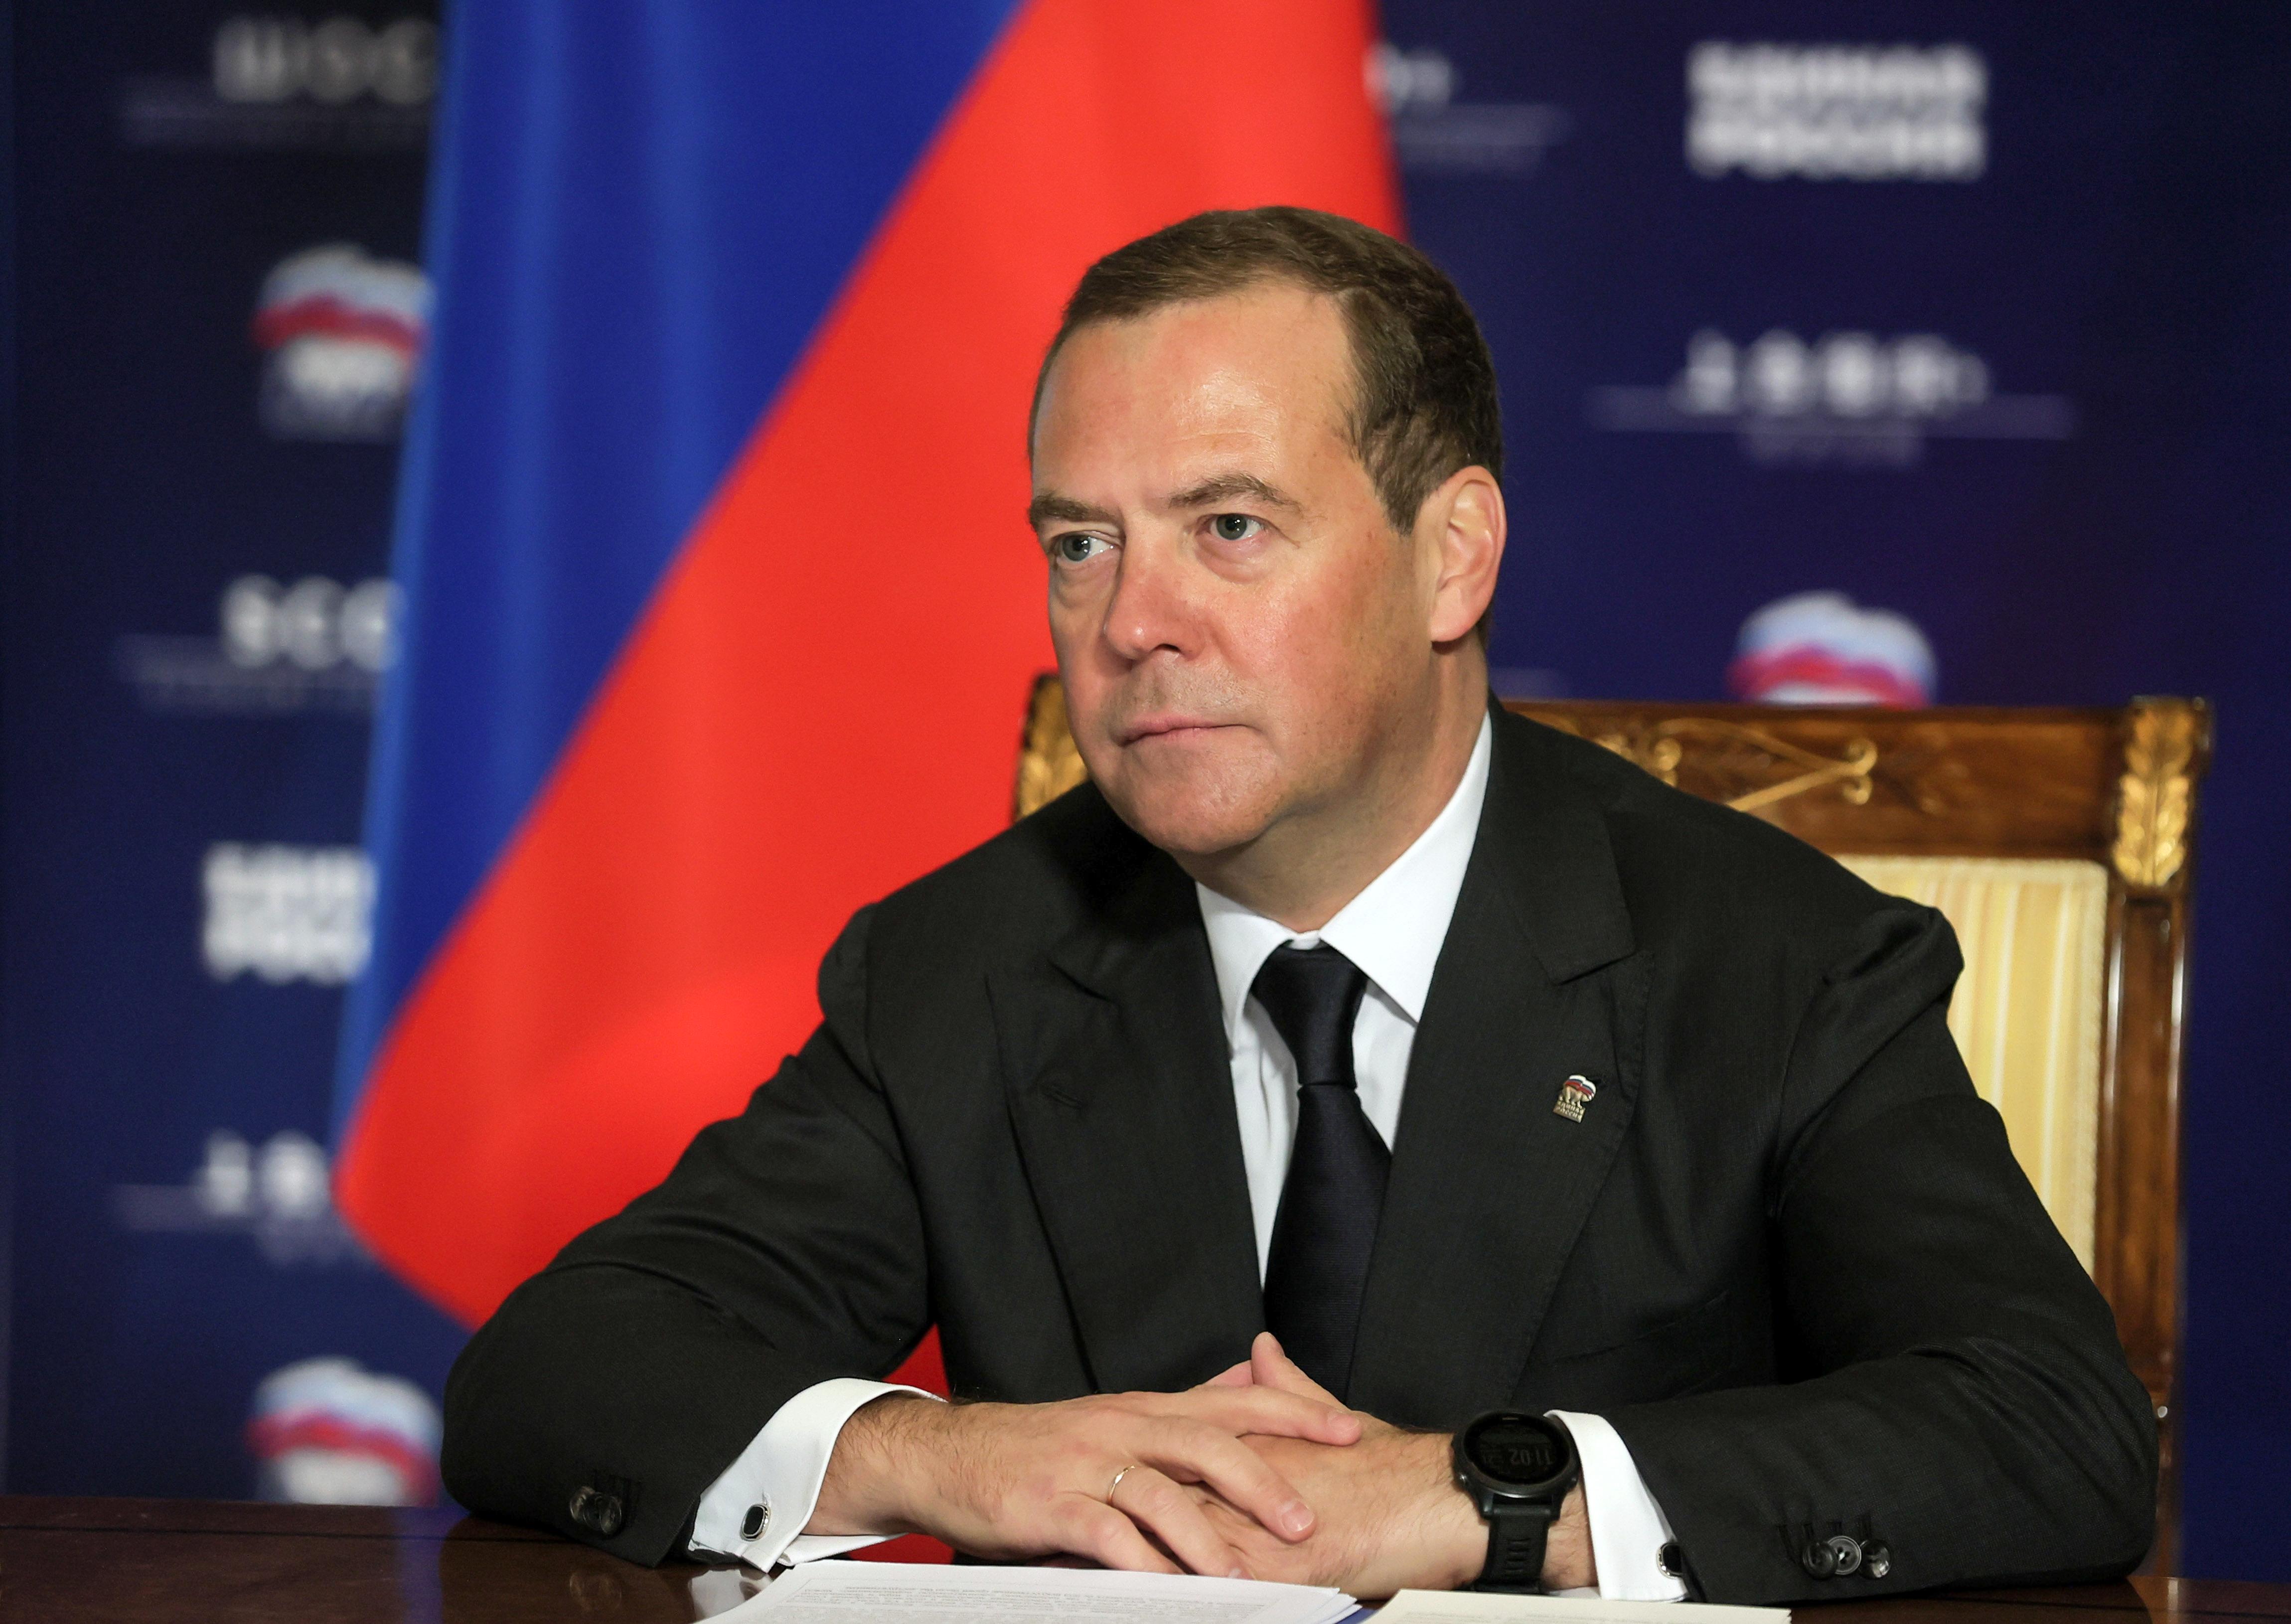 Встреча поколений: впечатление от беседы с Дмитрием Медведевым (21 июля 2020)